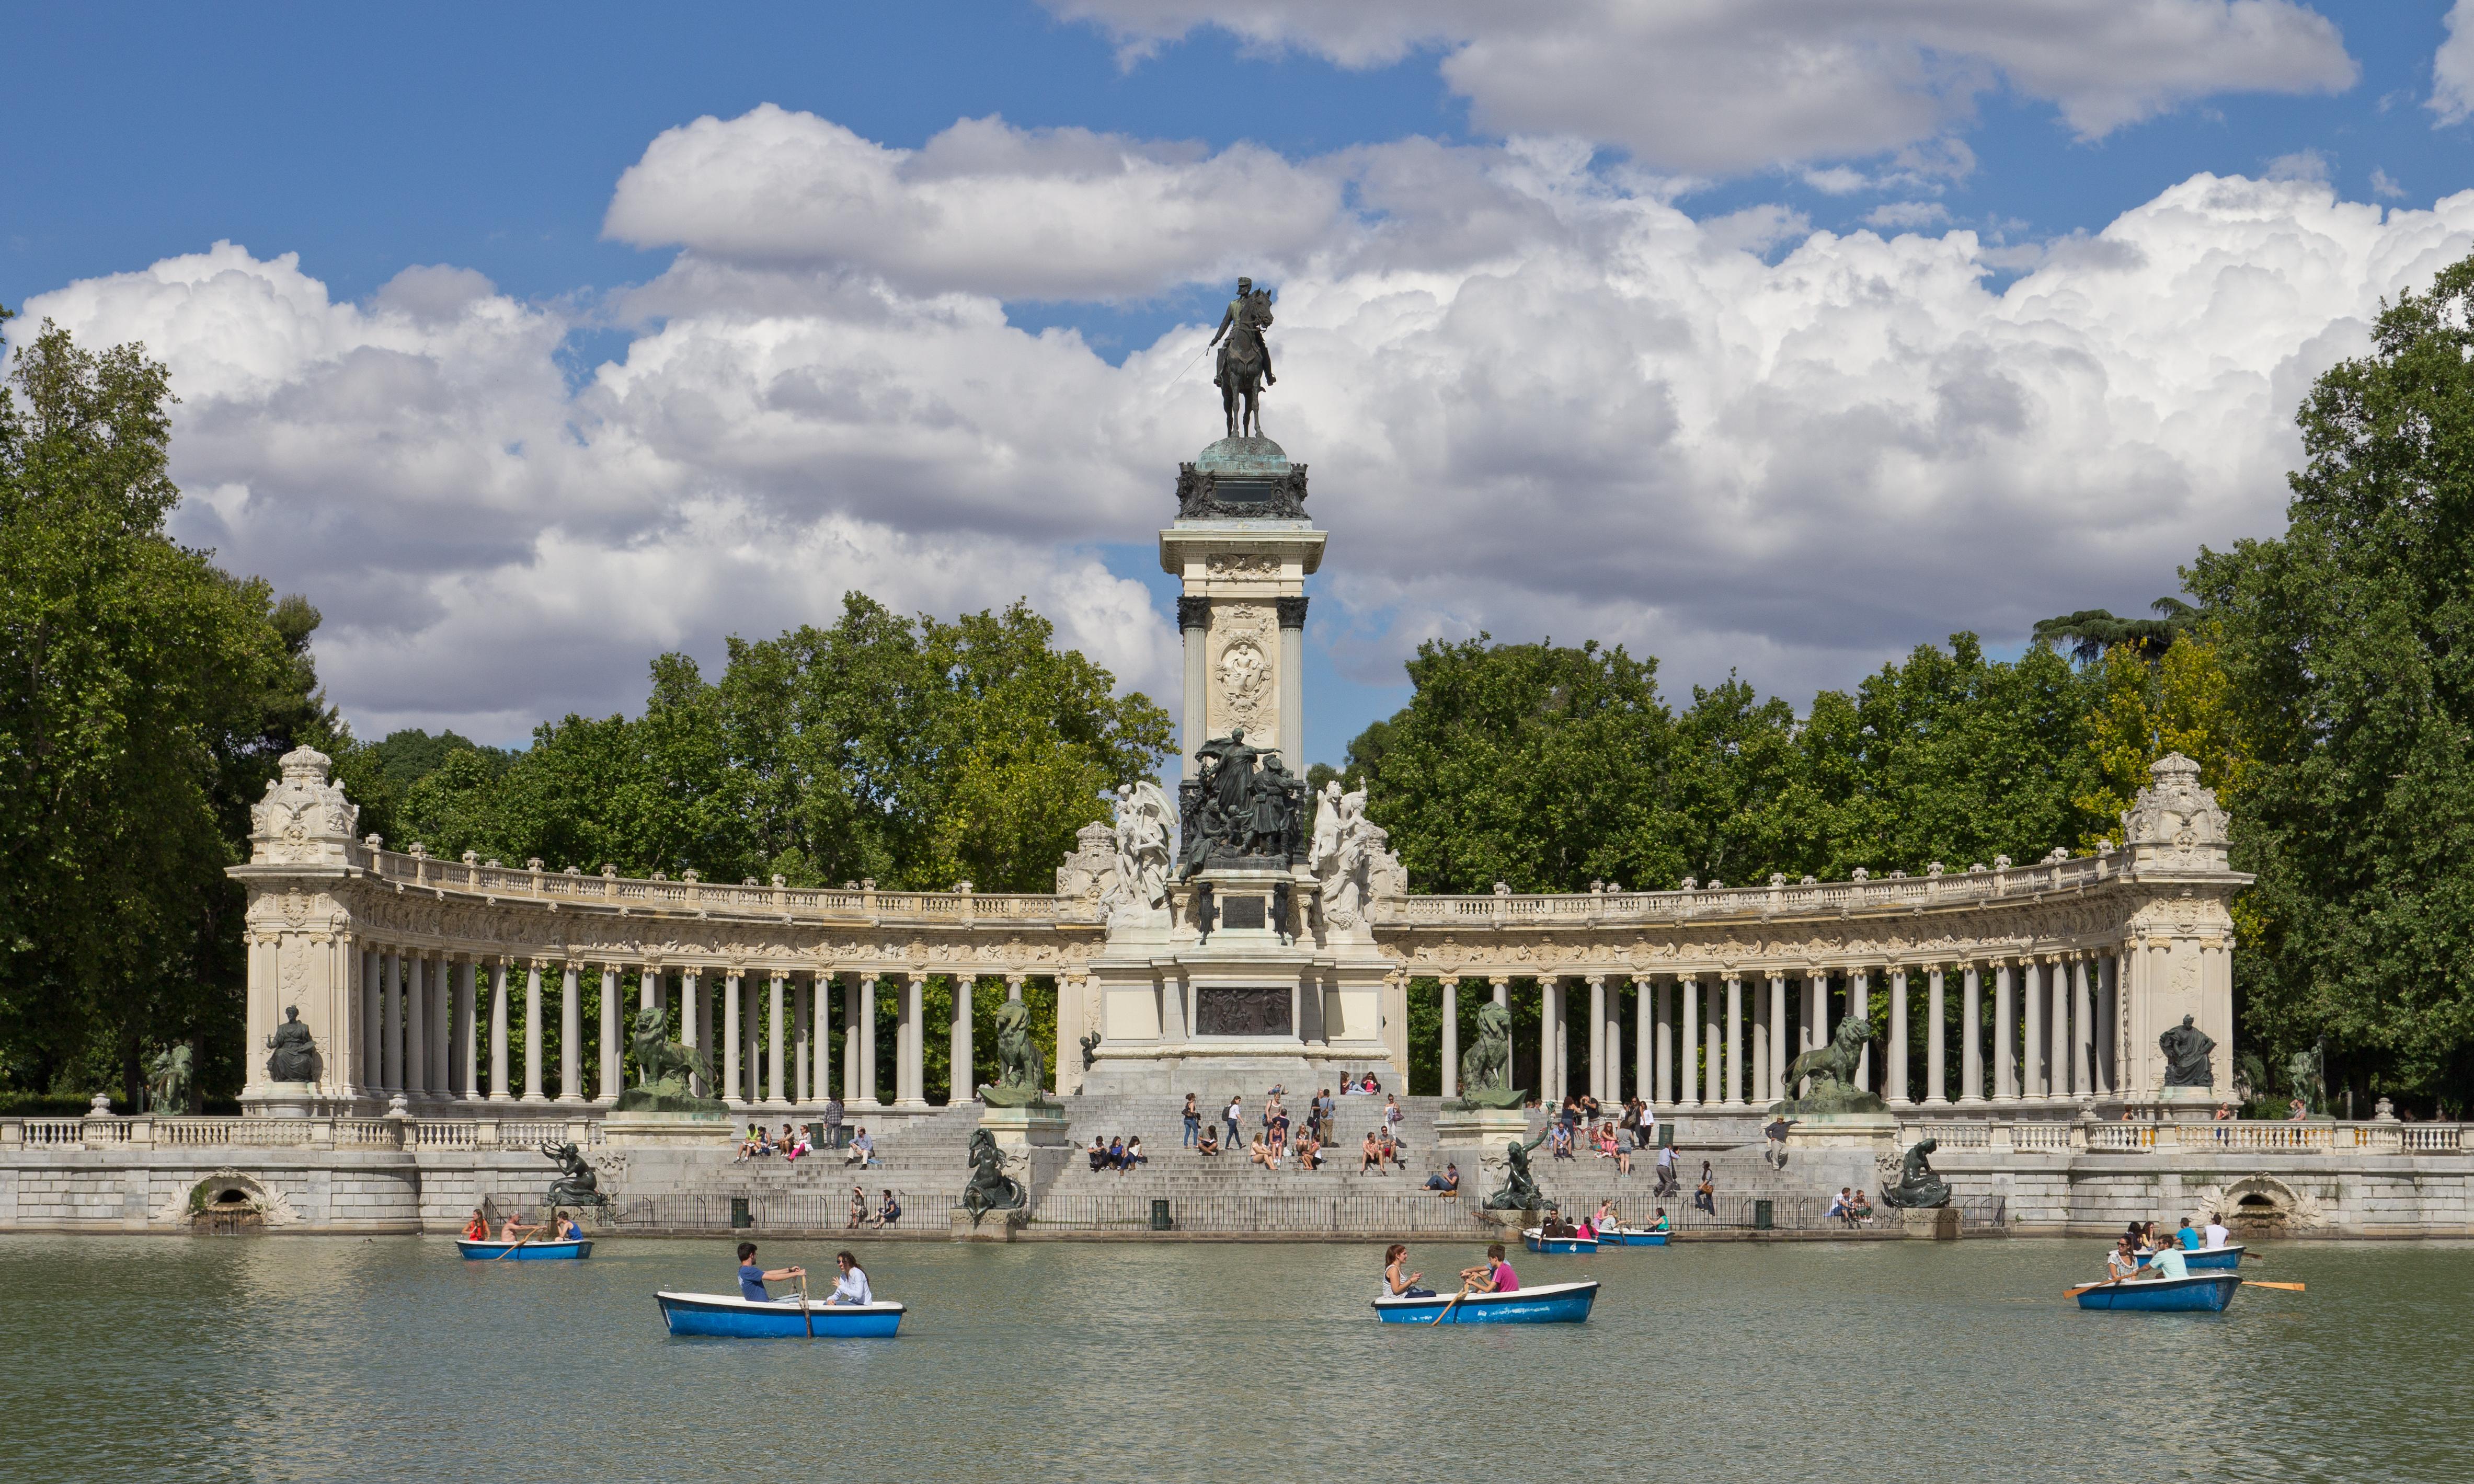 Monumento_a_Alfonso_XII_de_España_en_los